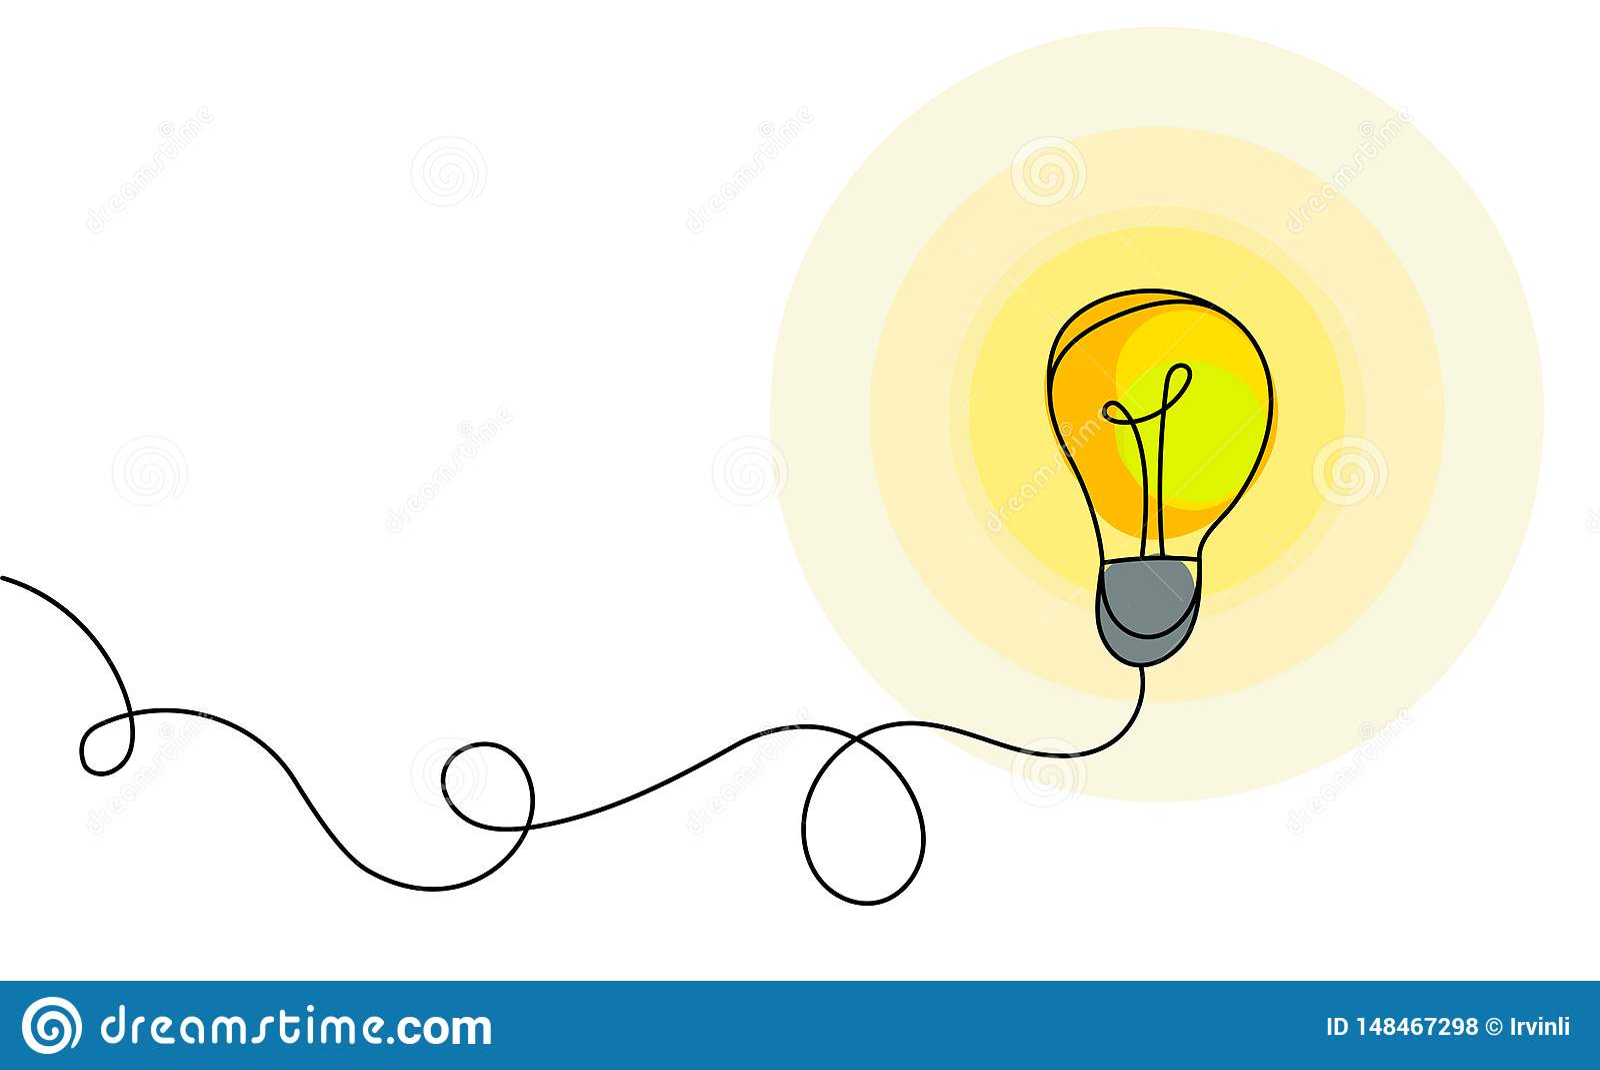 能量和想法标志,电灯泡